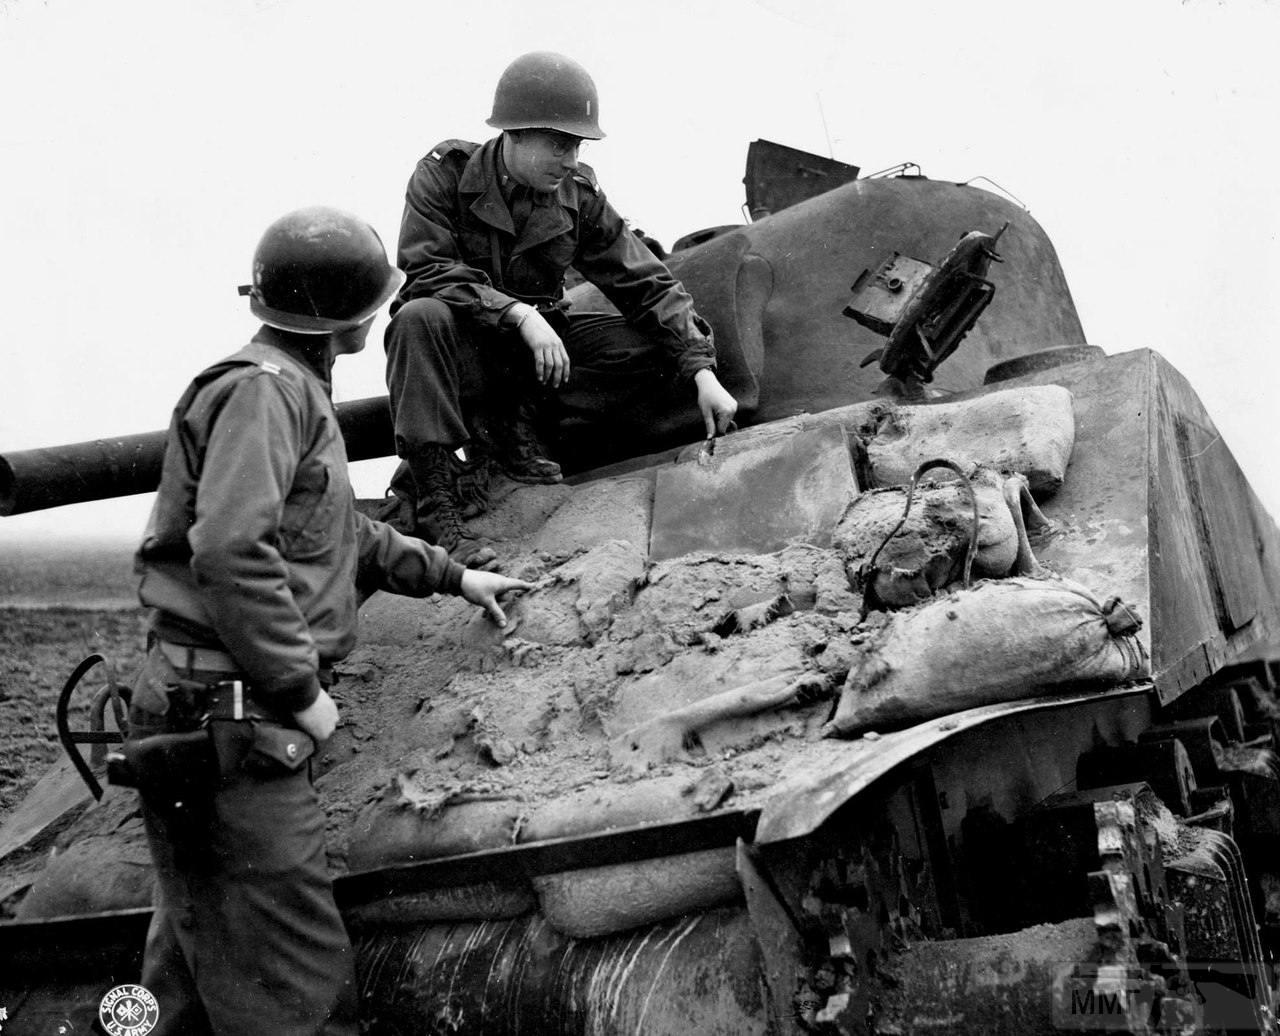 18046 - Военное фото 1939-1945 г.г. Западный фронт и Африка.